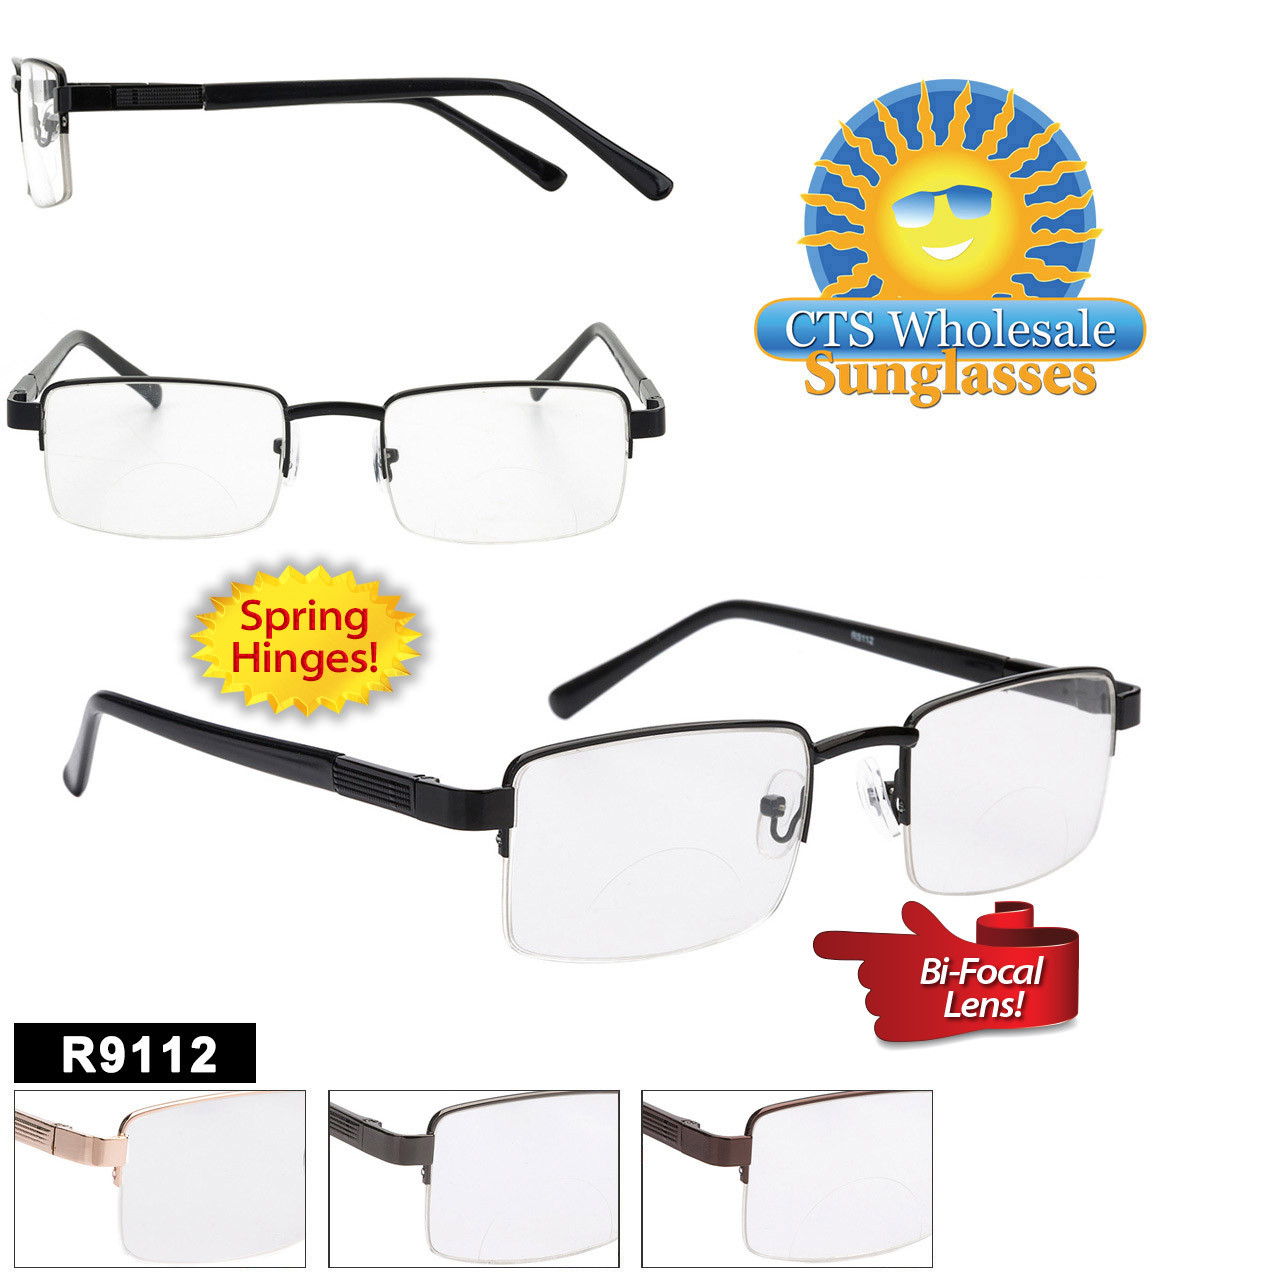 Wholesale Bi-Focal Readers - R9112 Spring Hinges